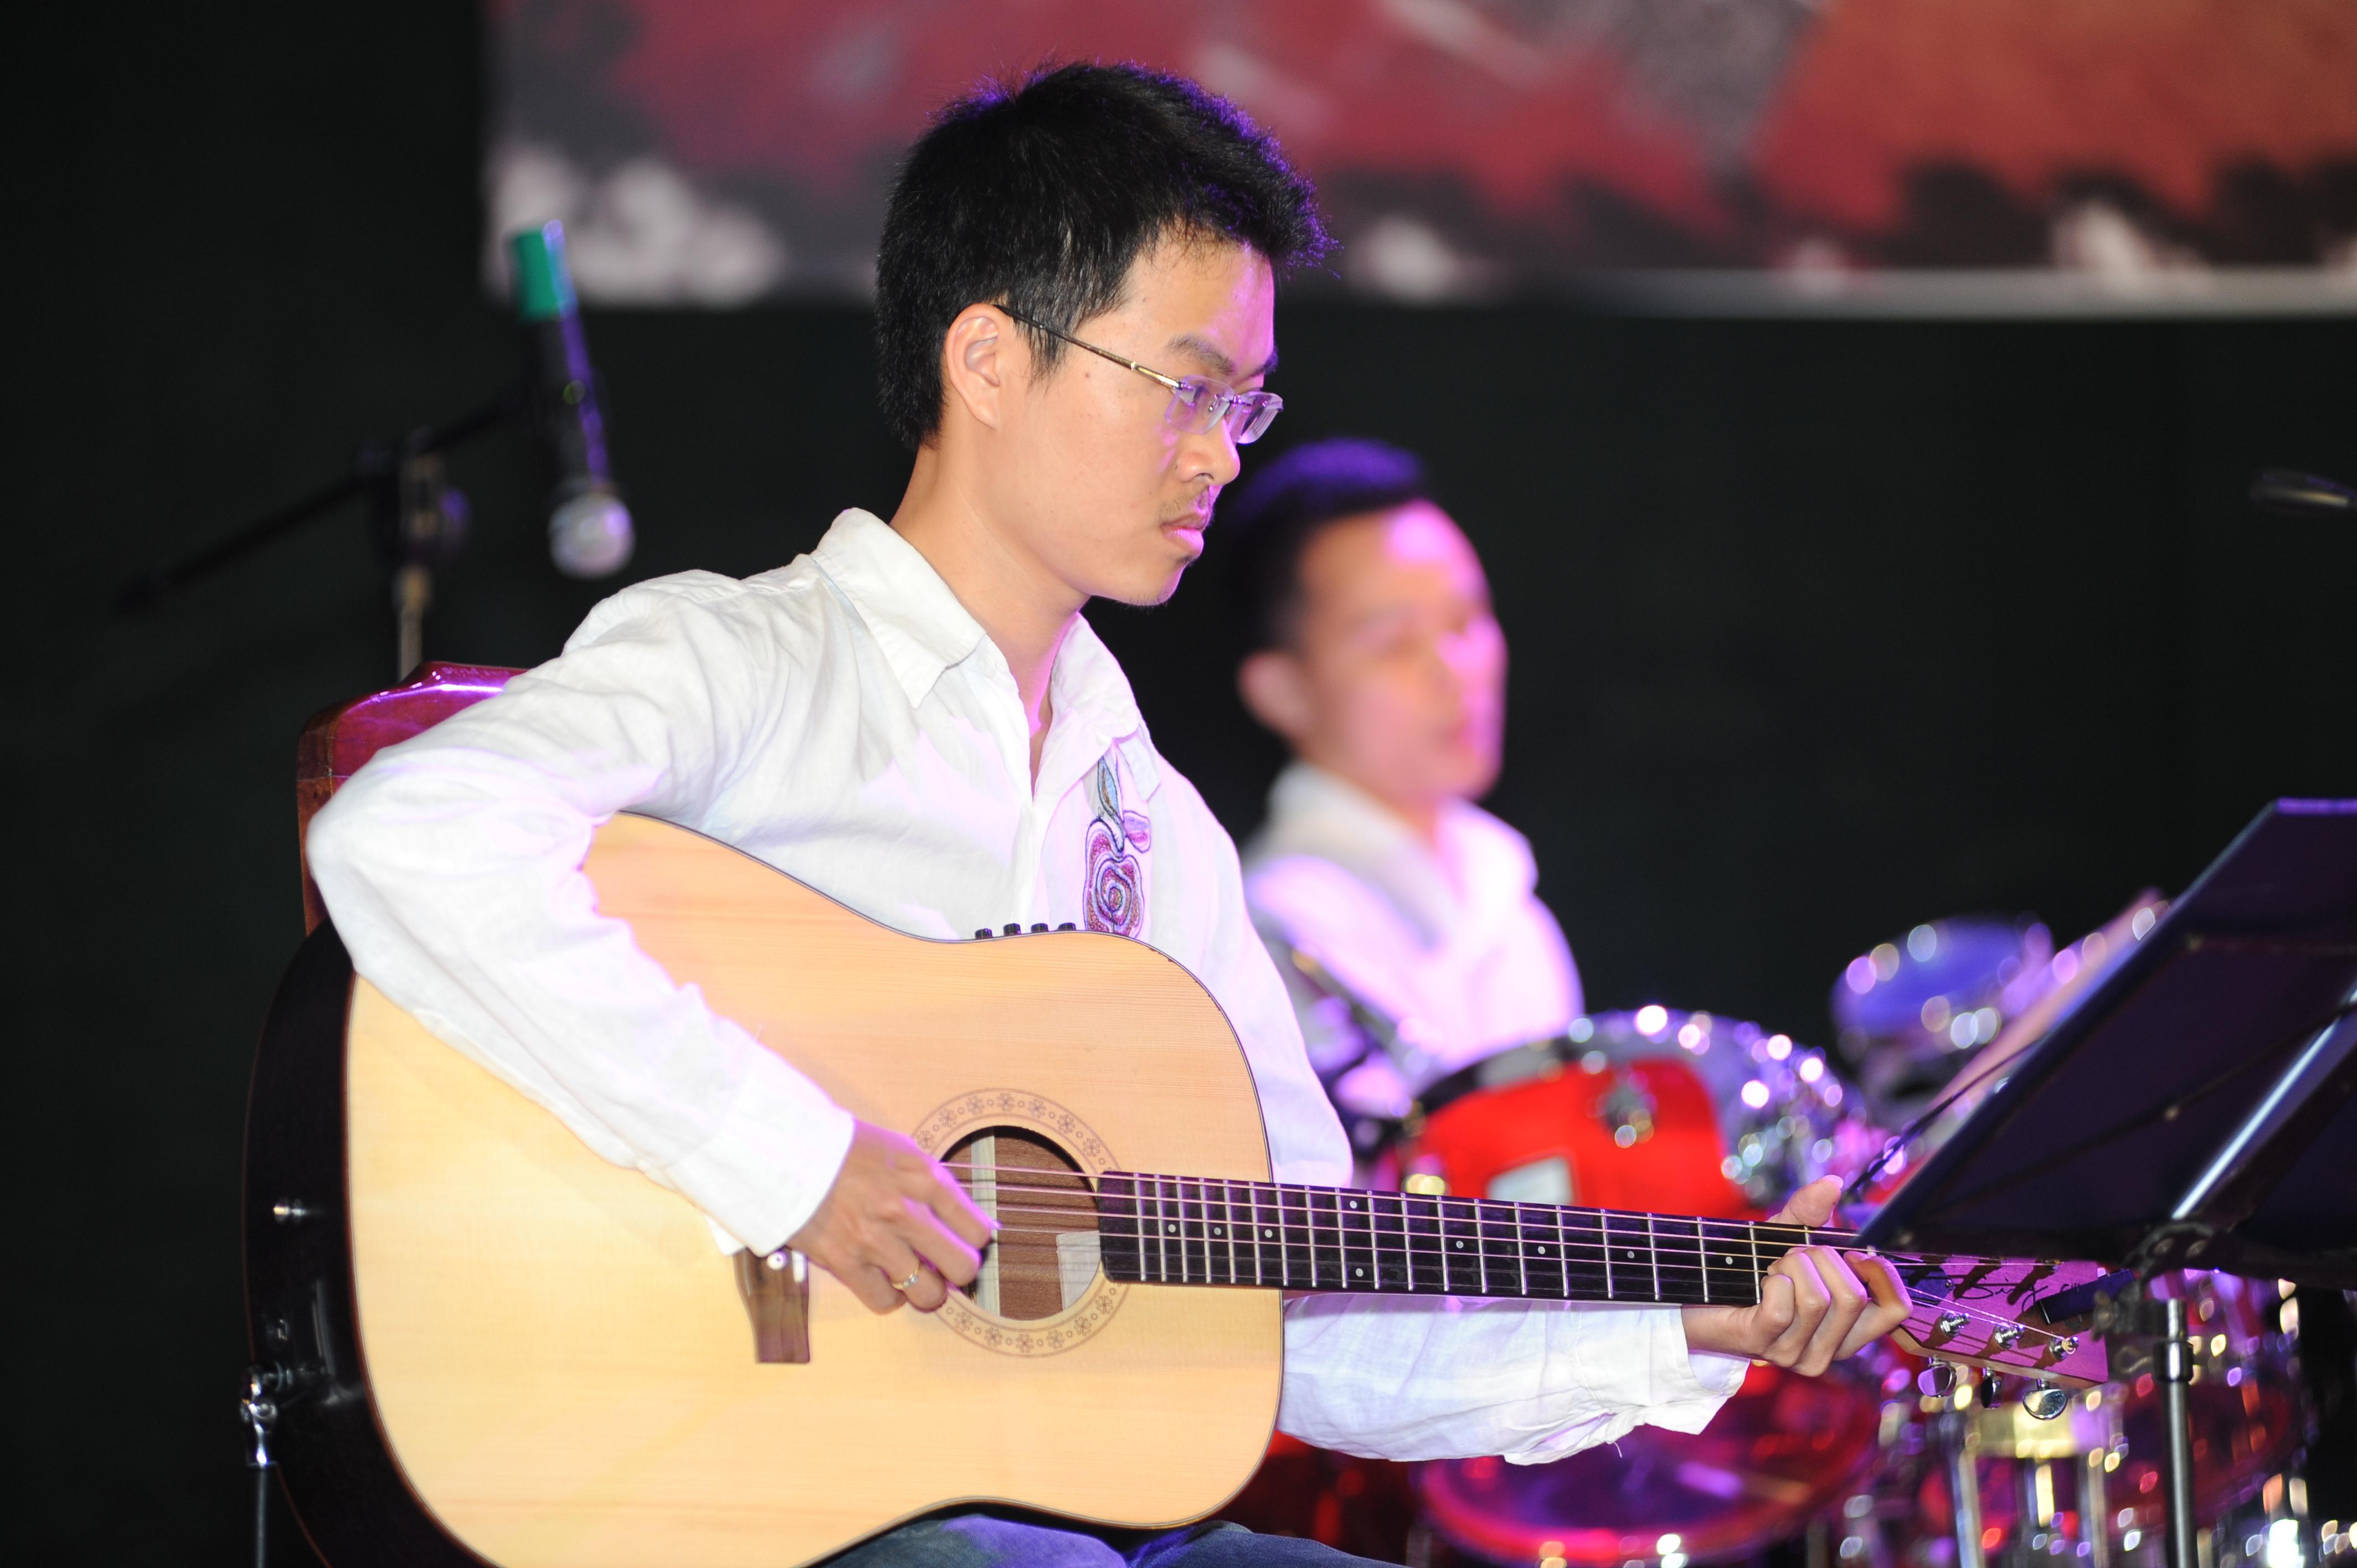 Lớp Guitar đệm hát cơ bản tại quận Long Biên